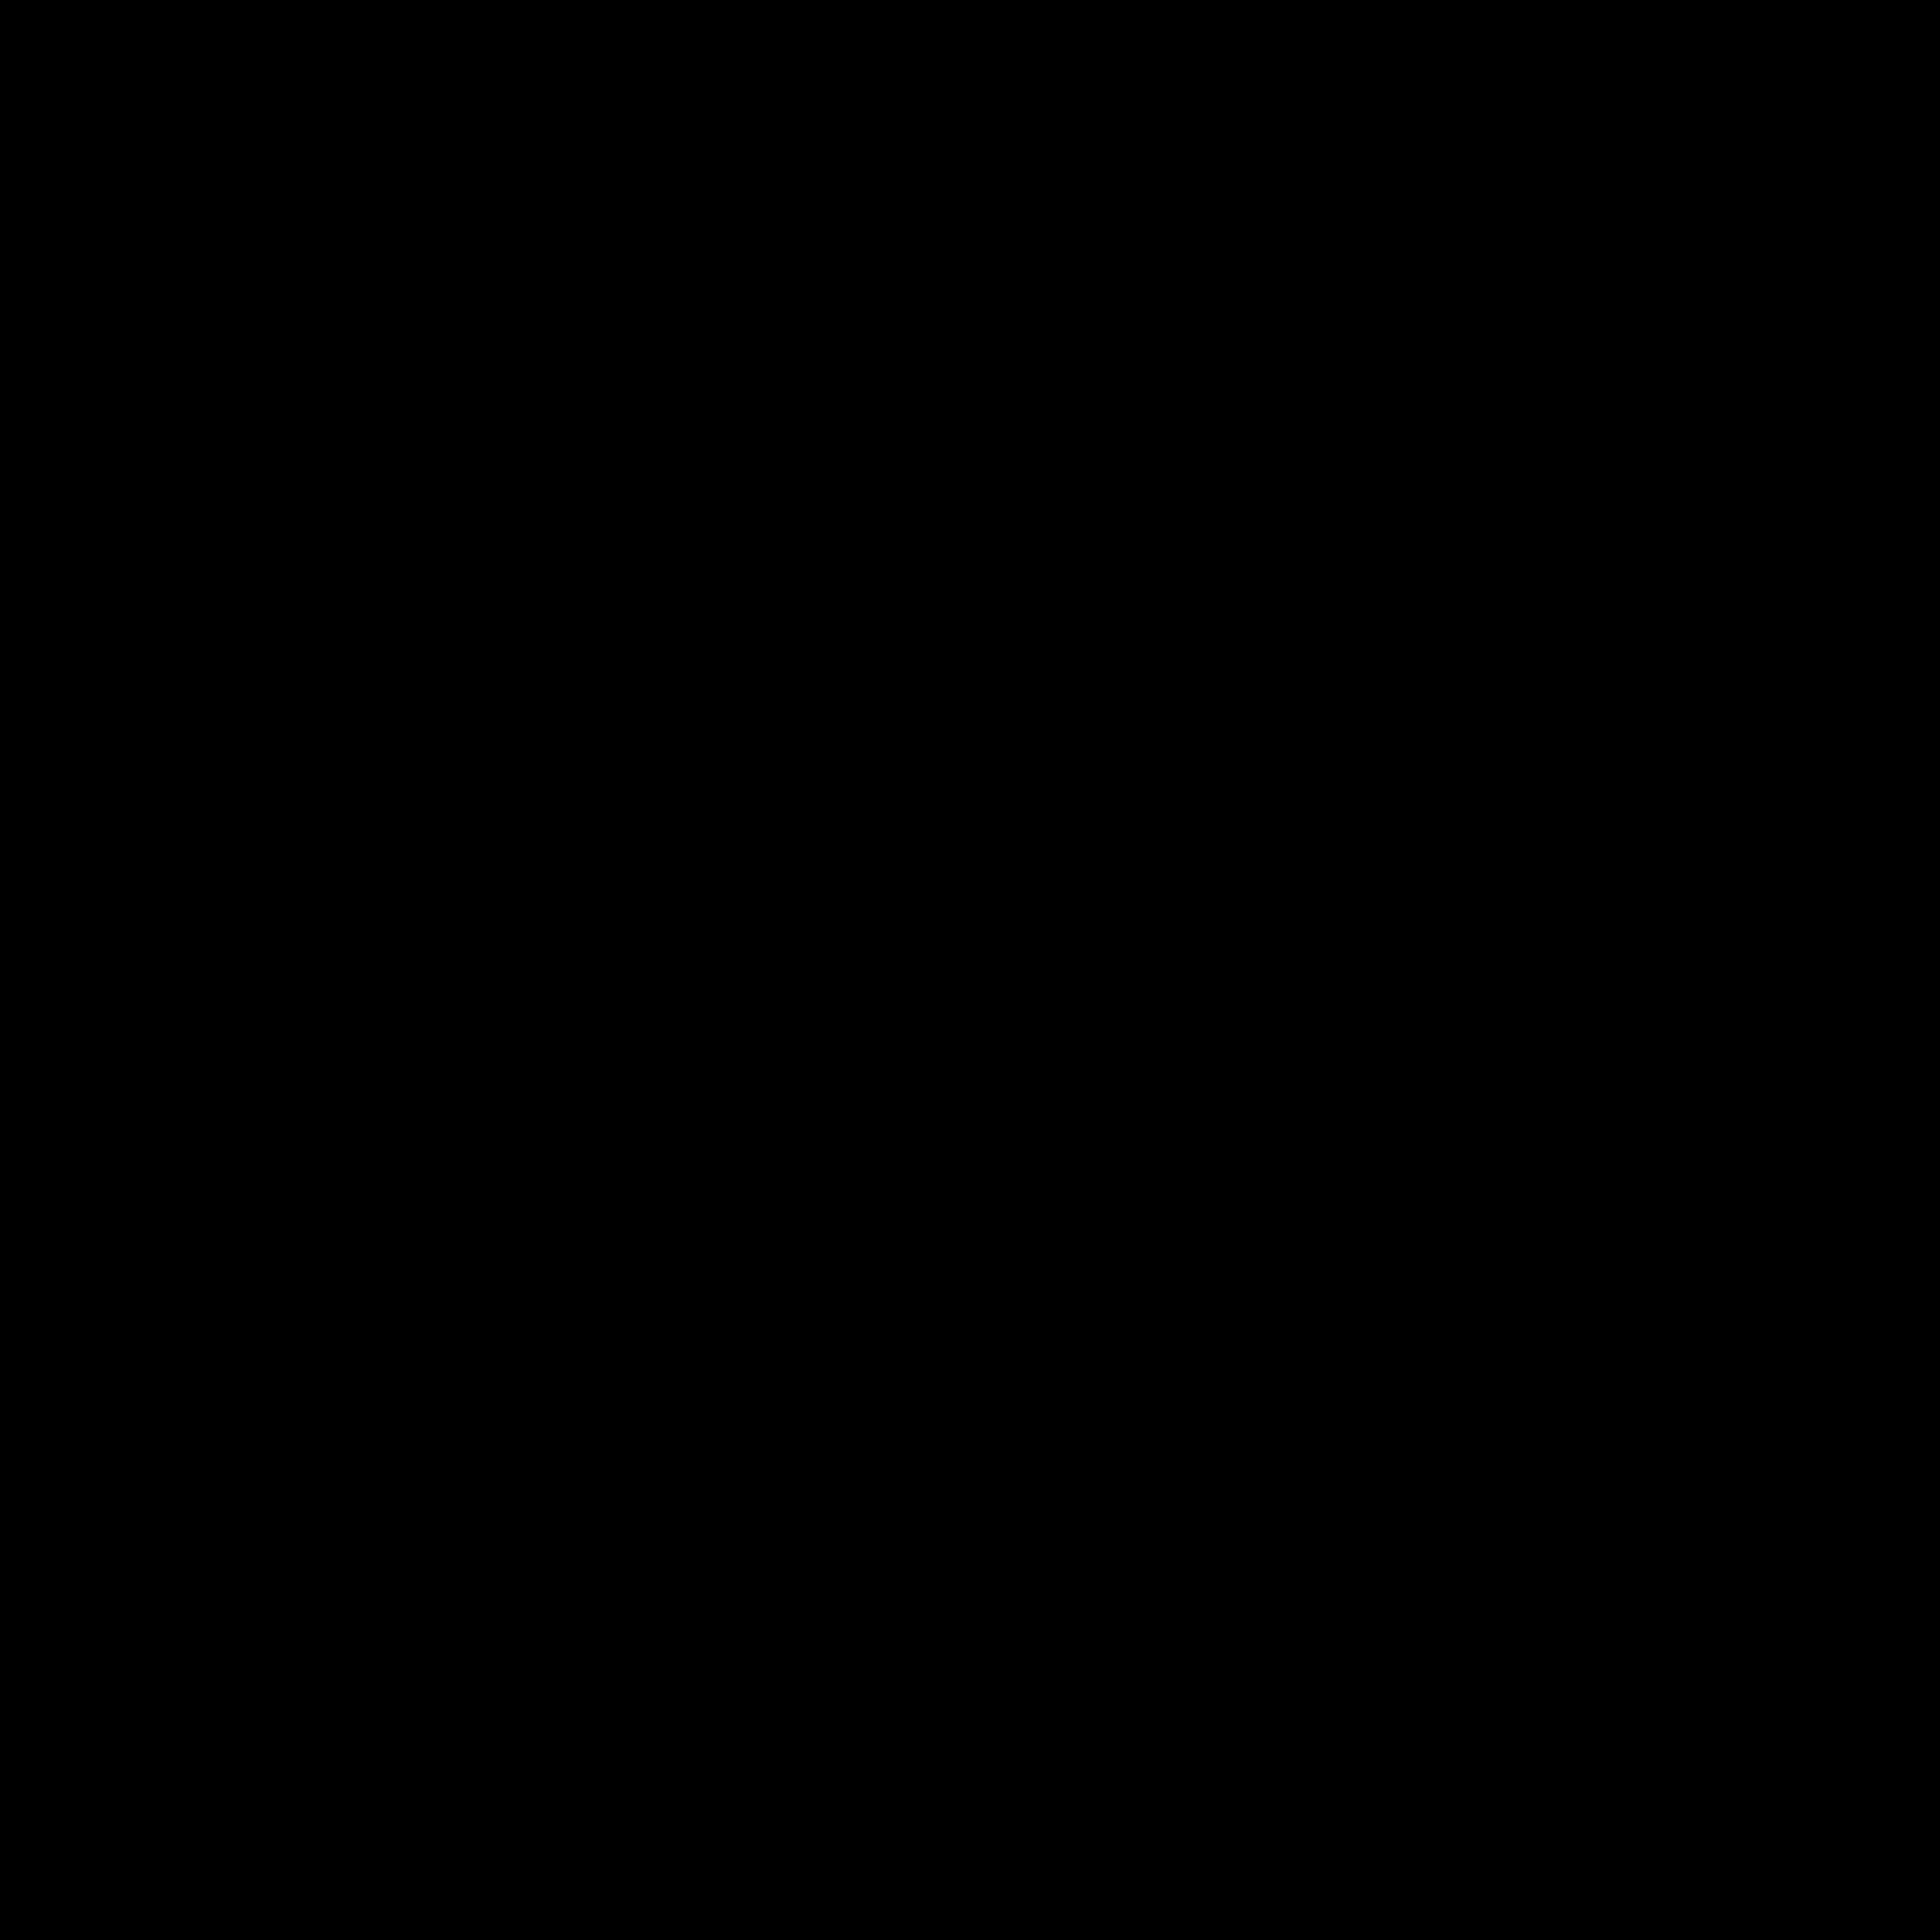 corona-extra-1-logo-png-transparent.png